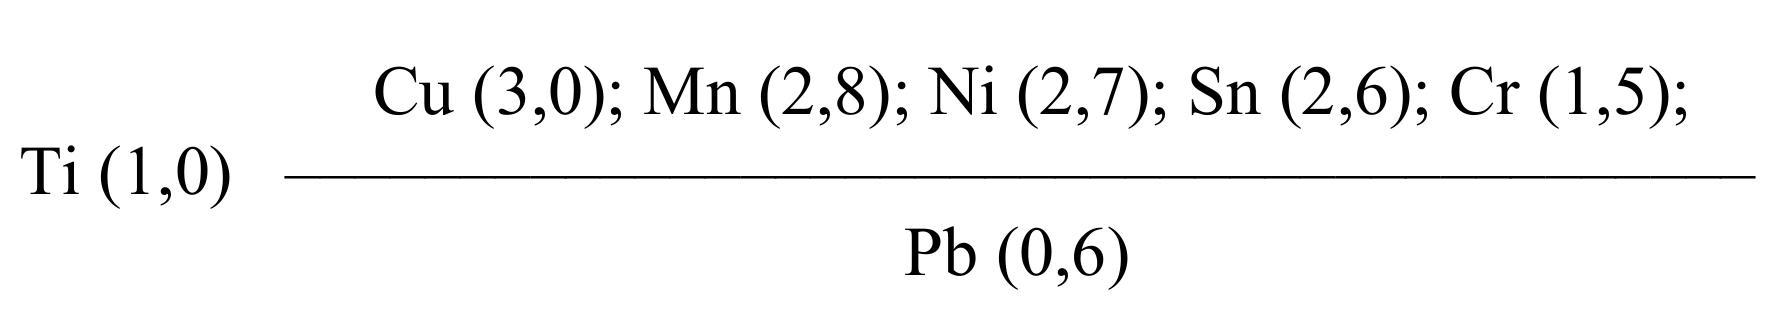 Геохимический индекс месторождения